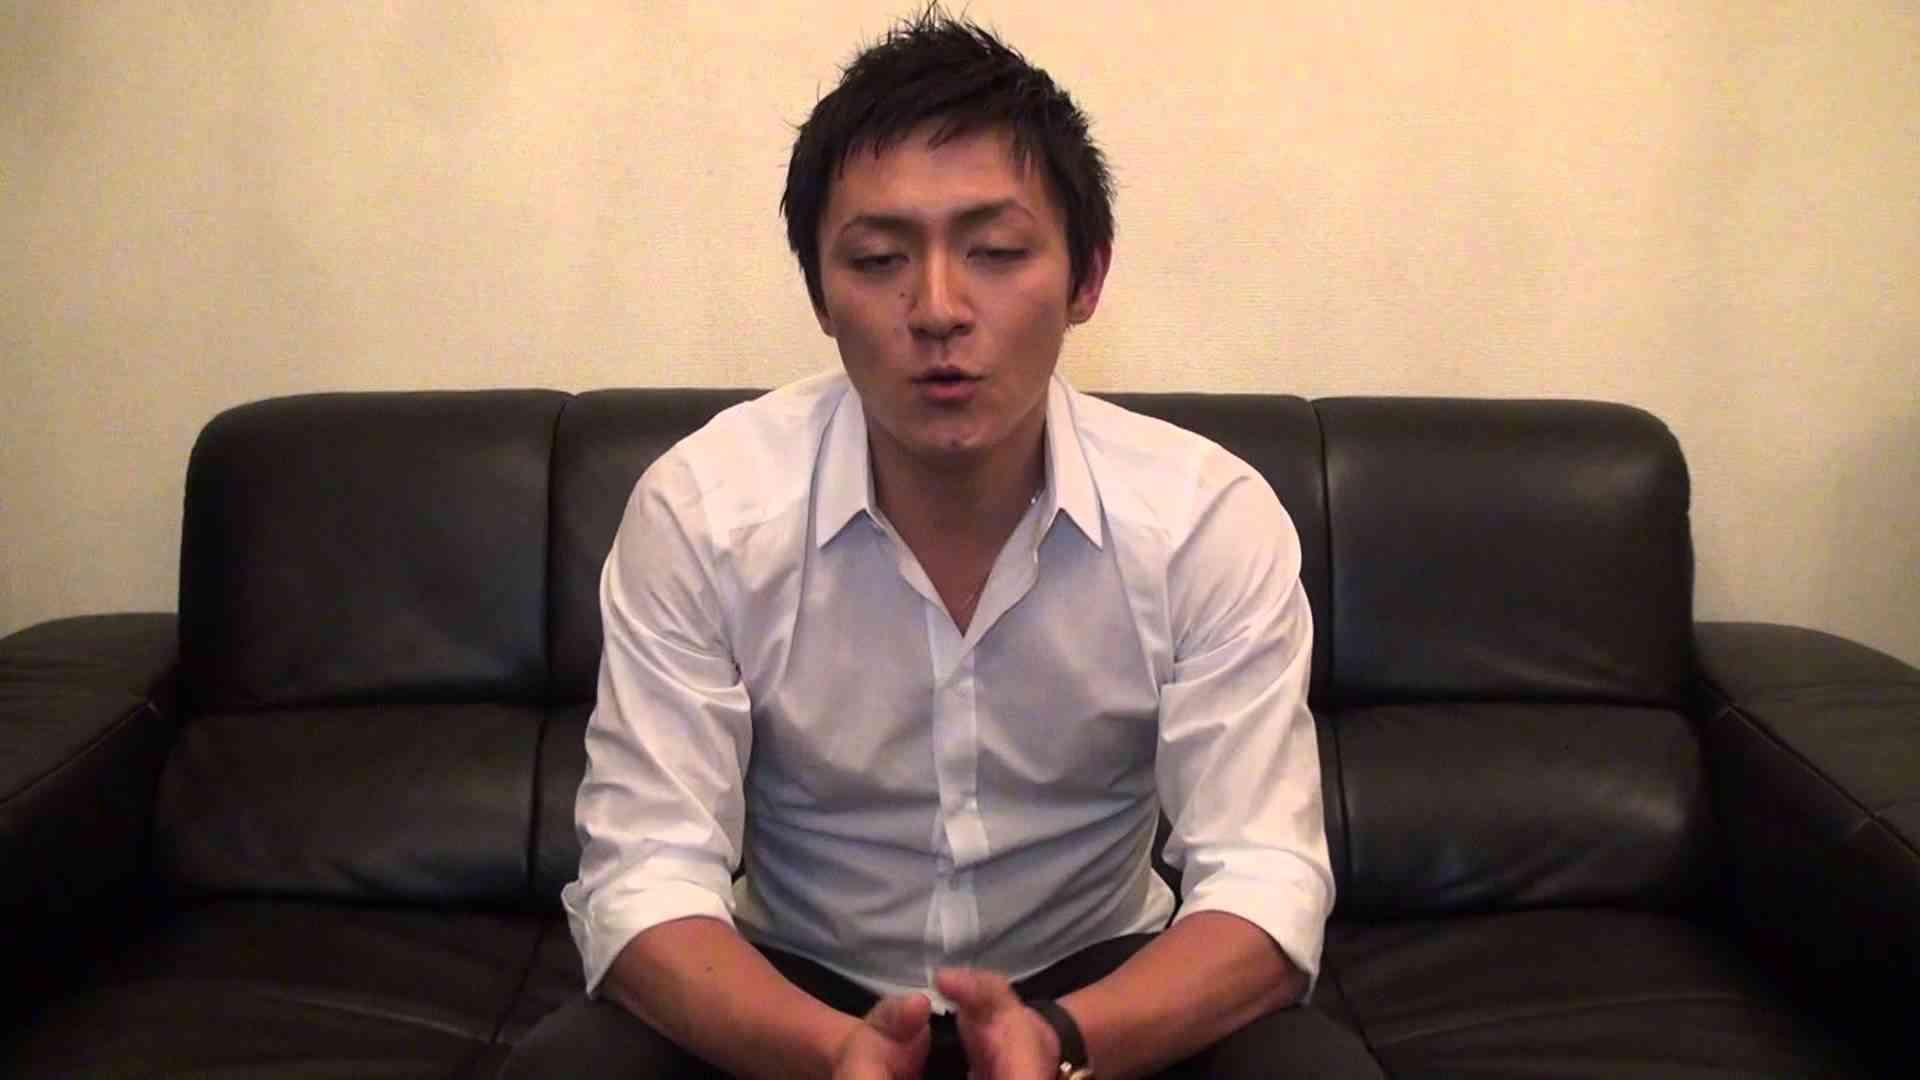 「内山麿我によるコメント」 - YouTube